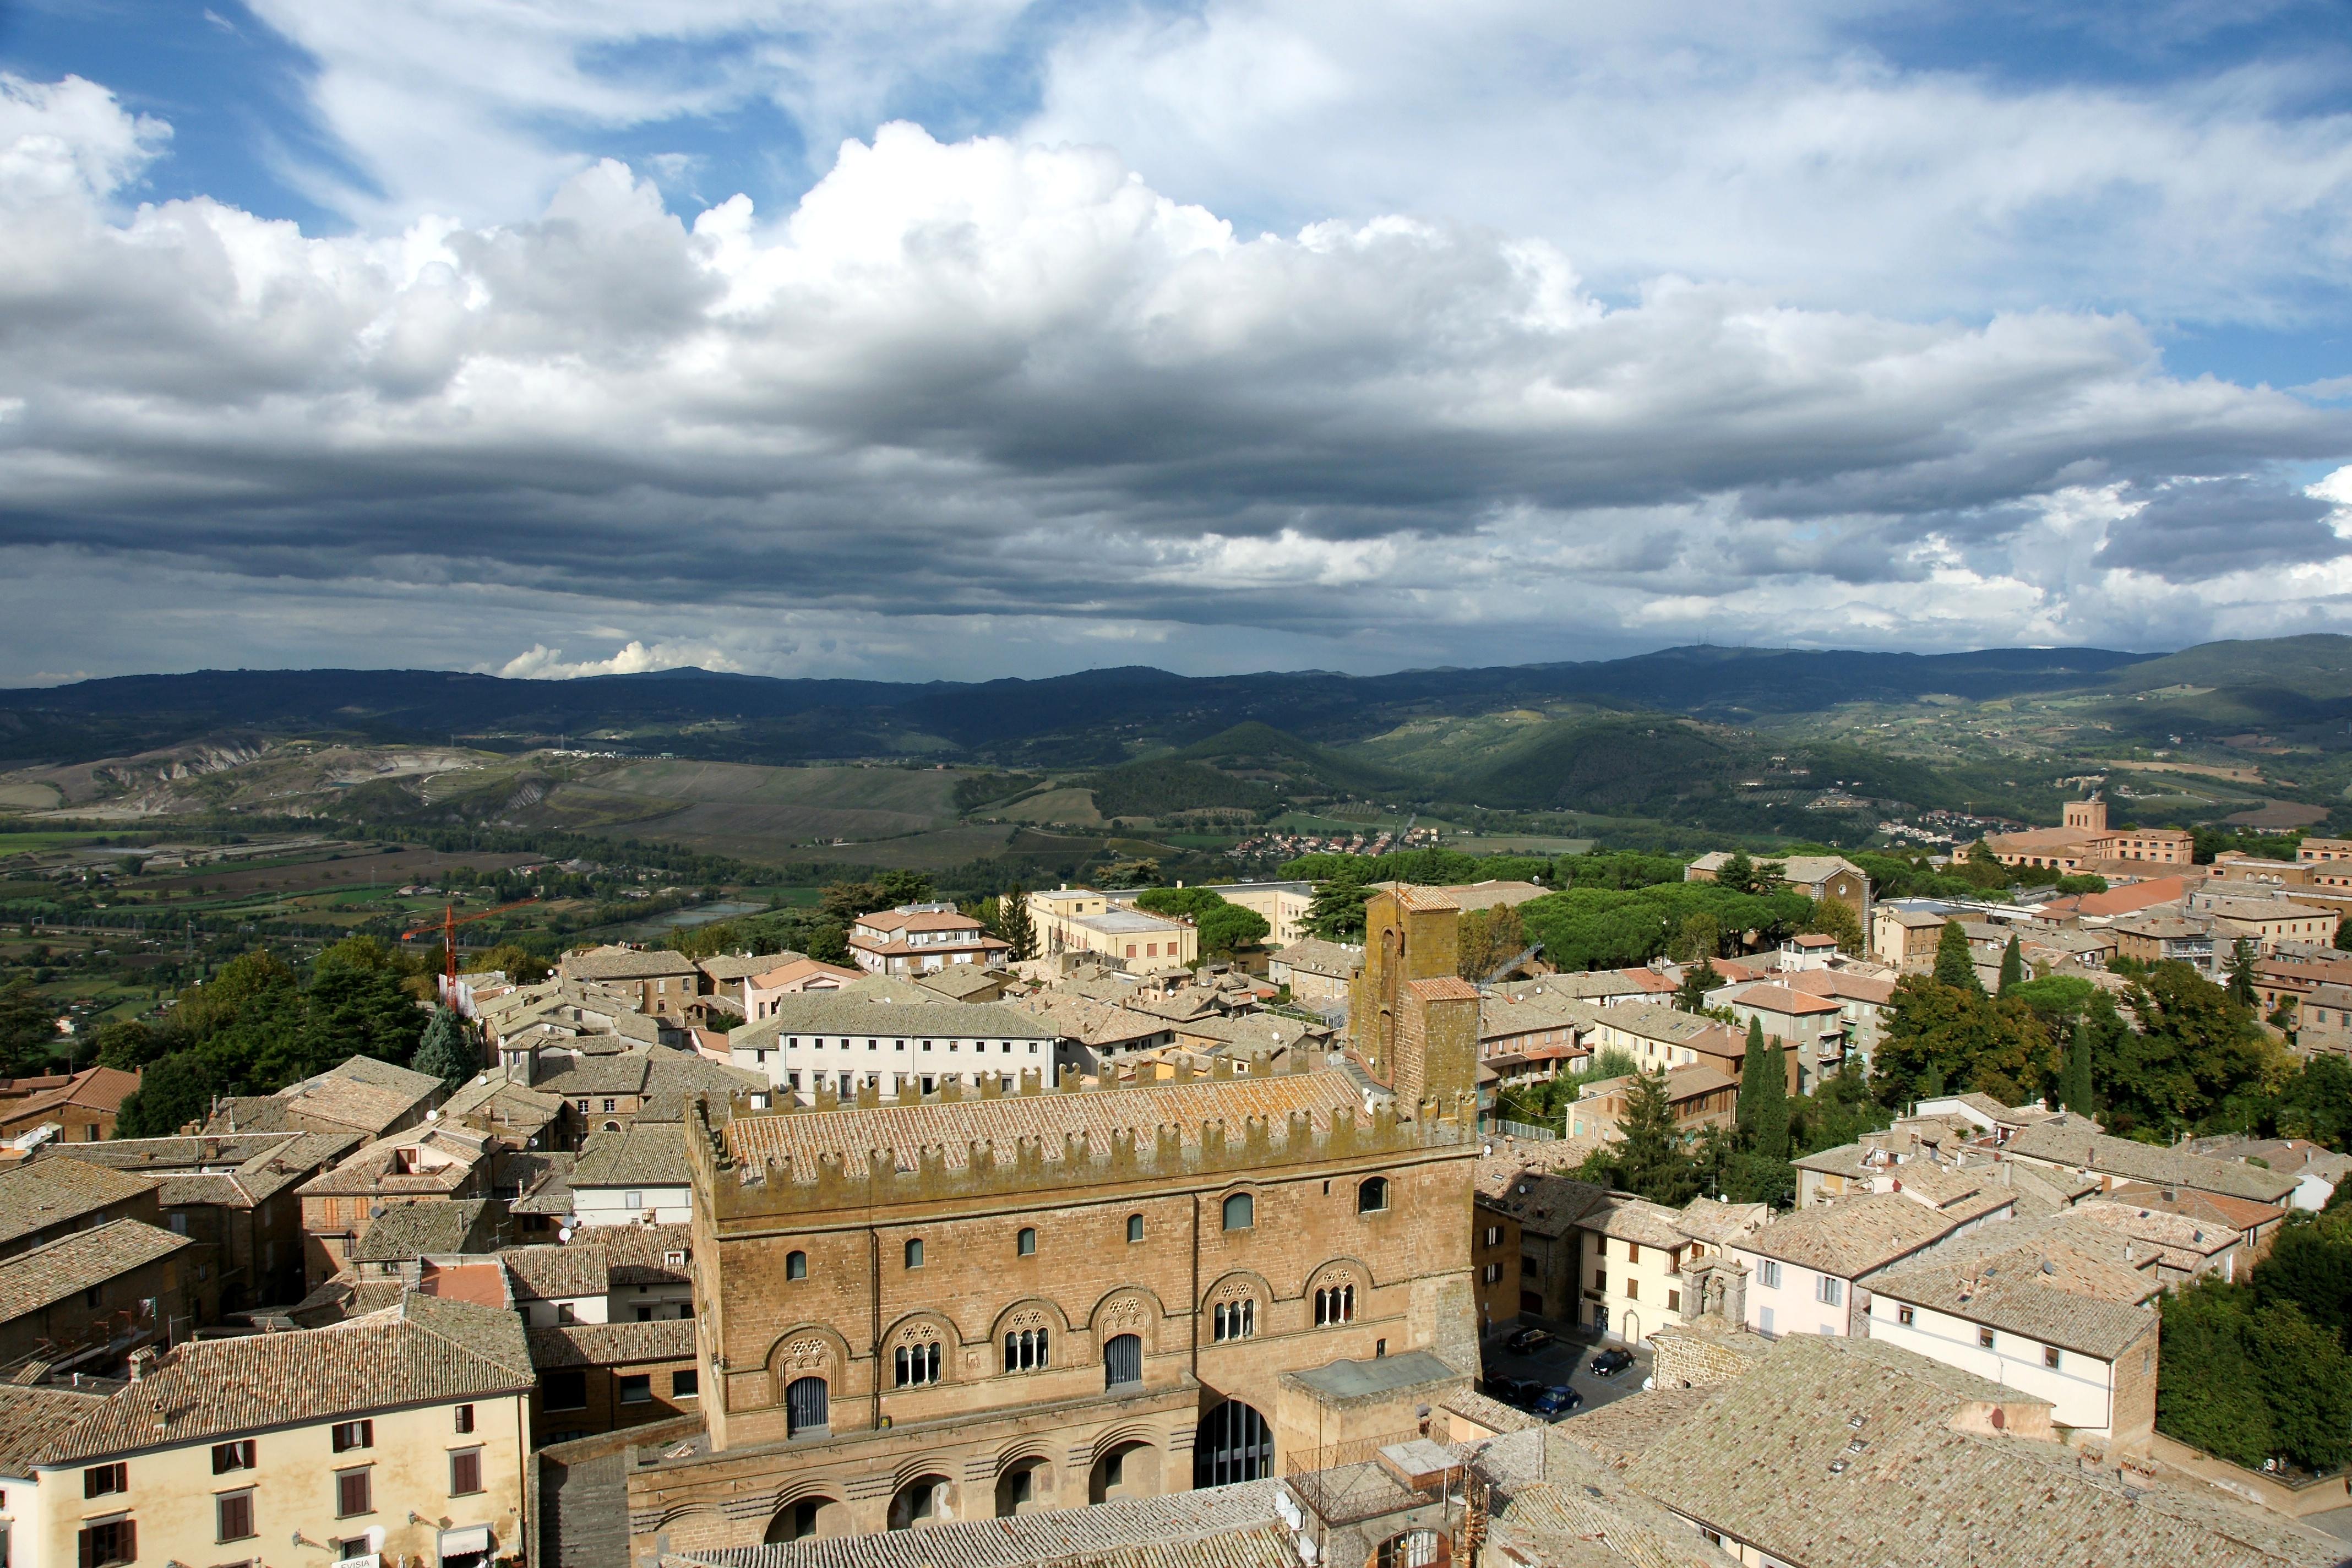 orvieto city in italy - photo #42